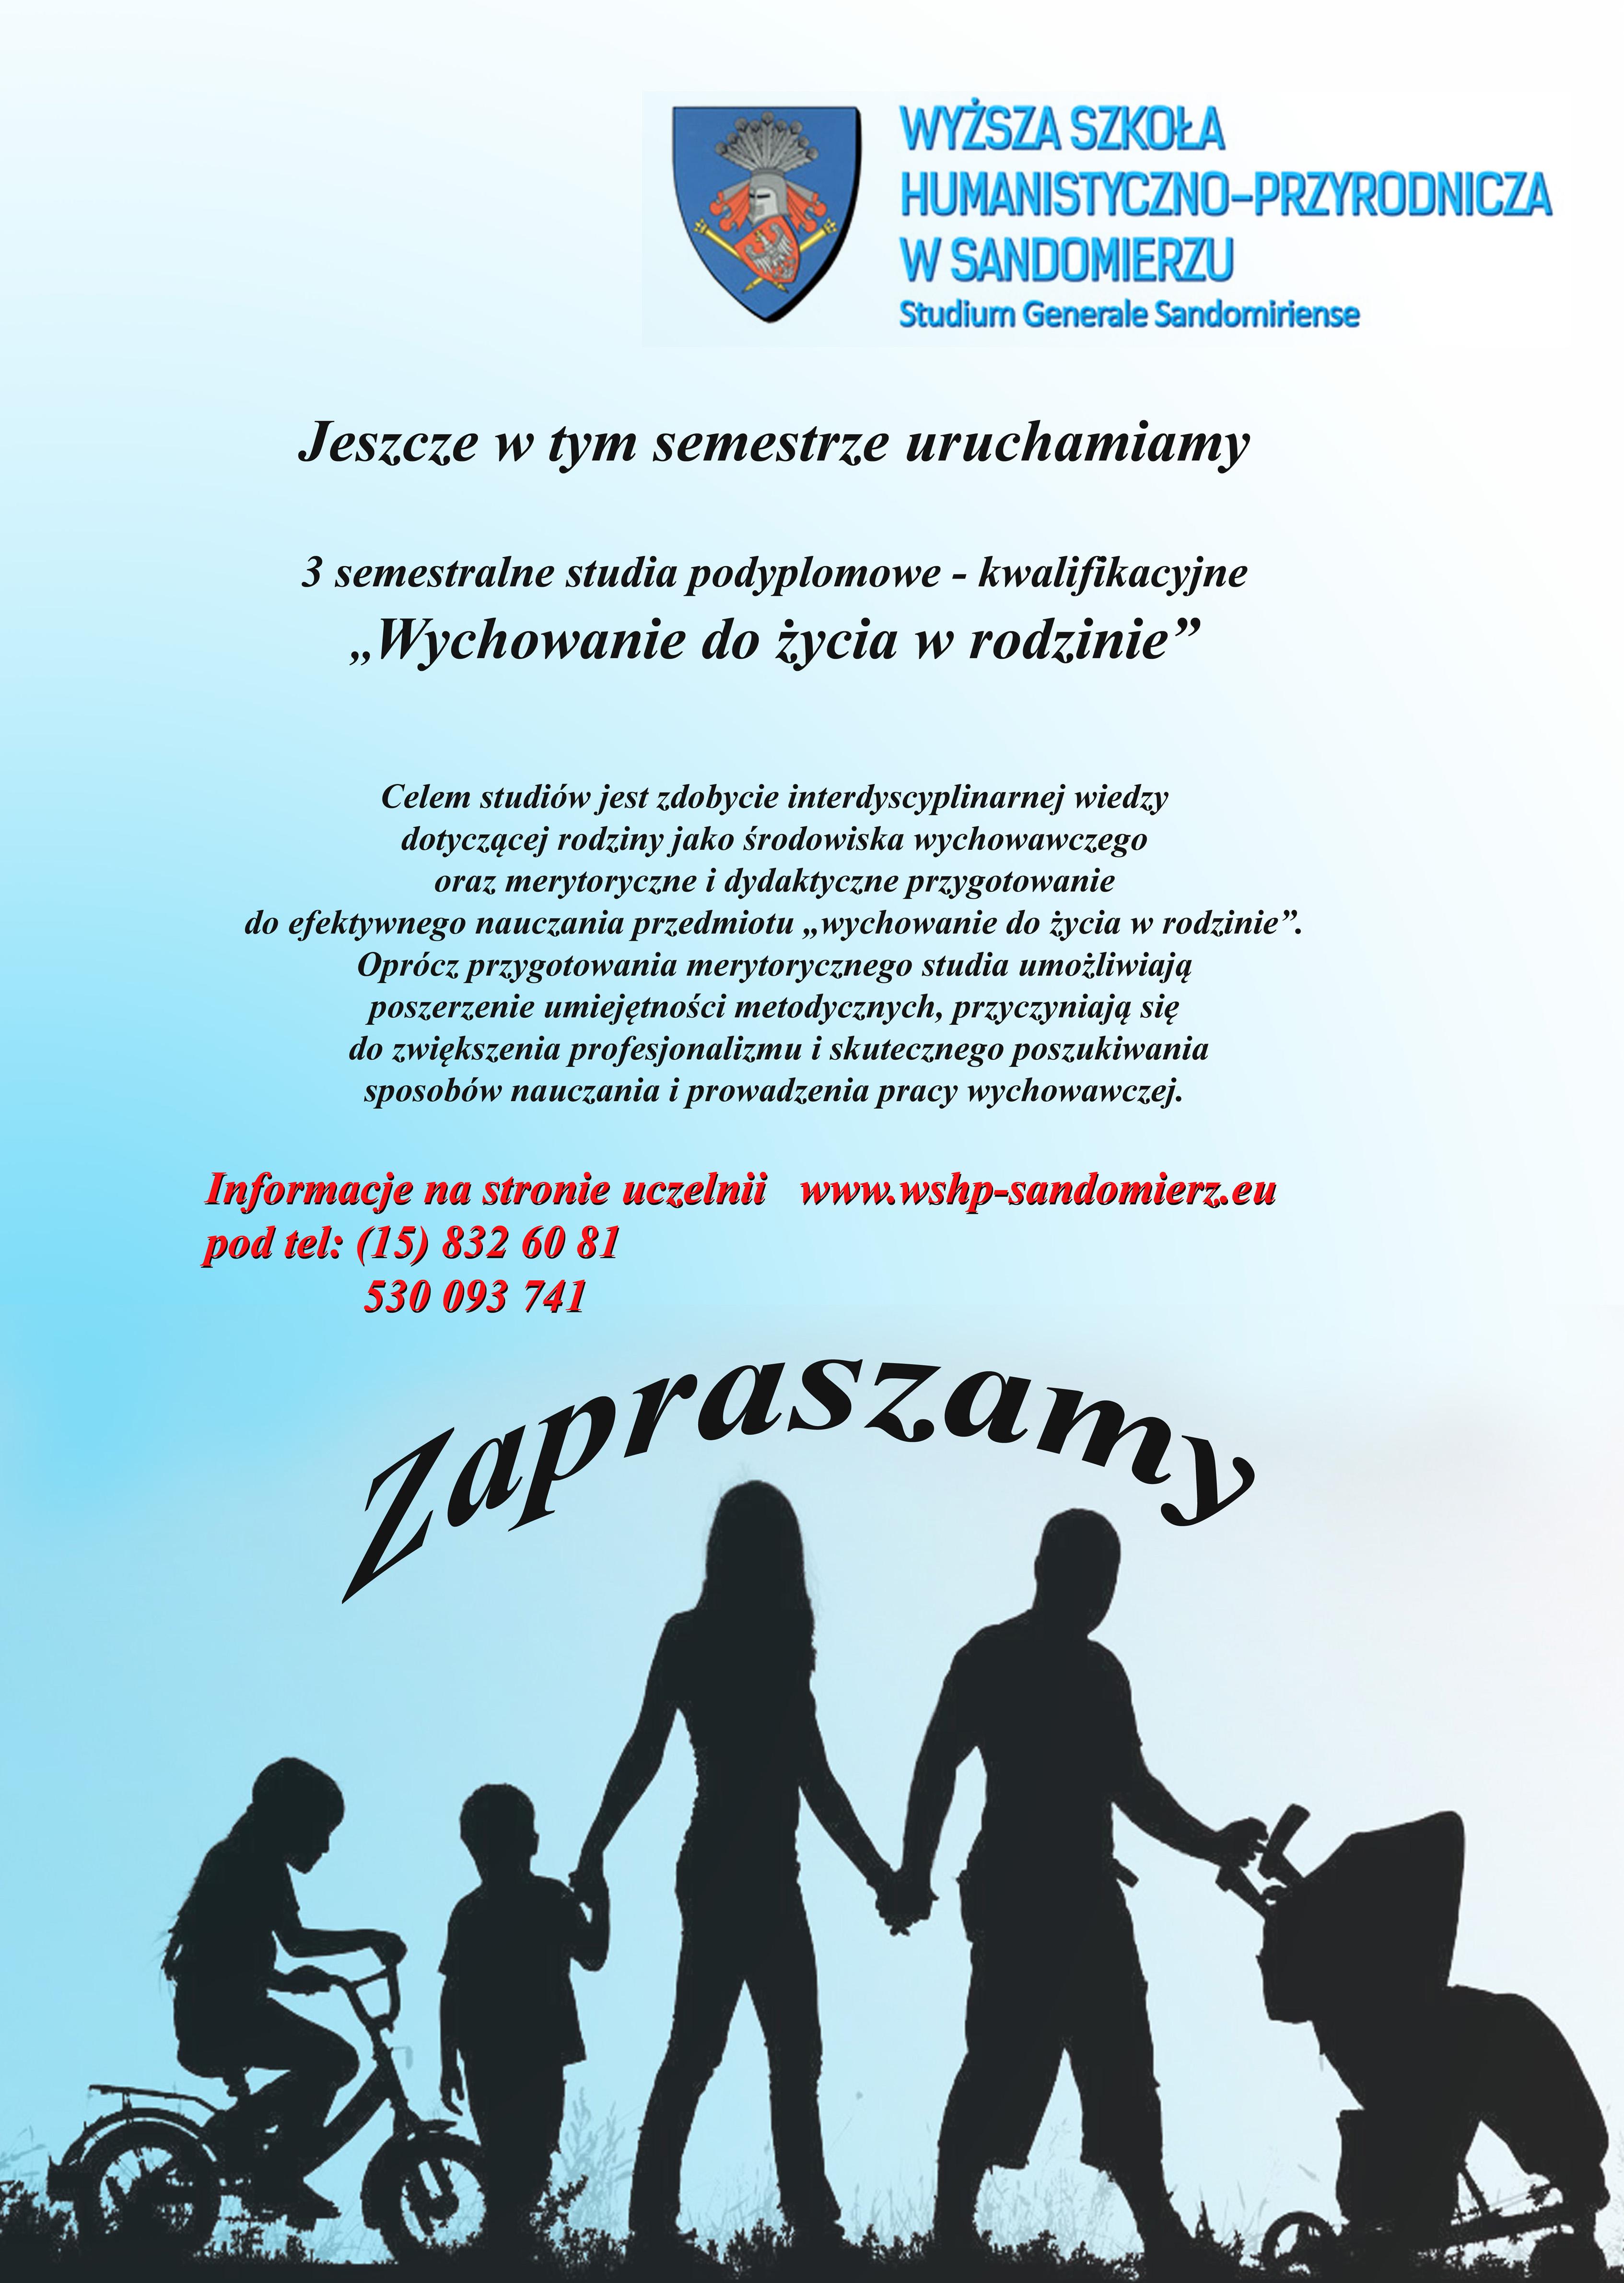 Plakat wshp